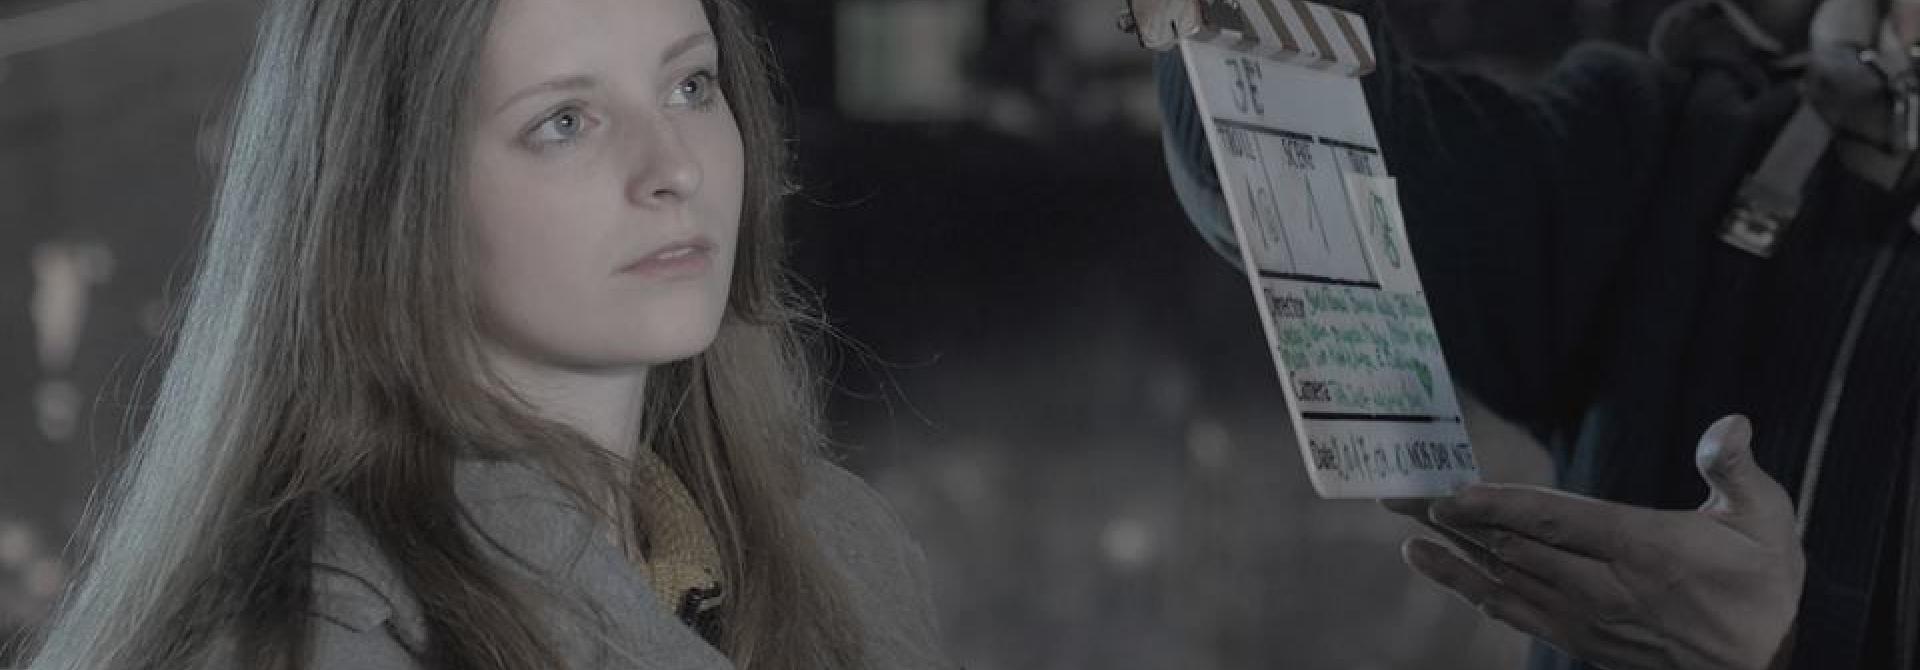 Júlia él - Forgatás